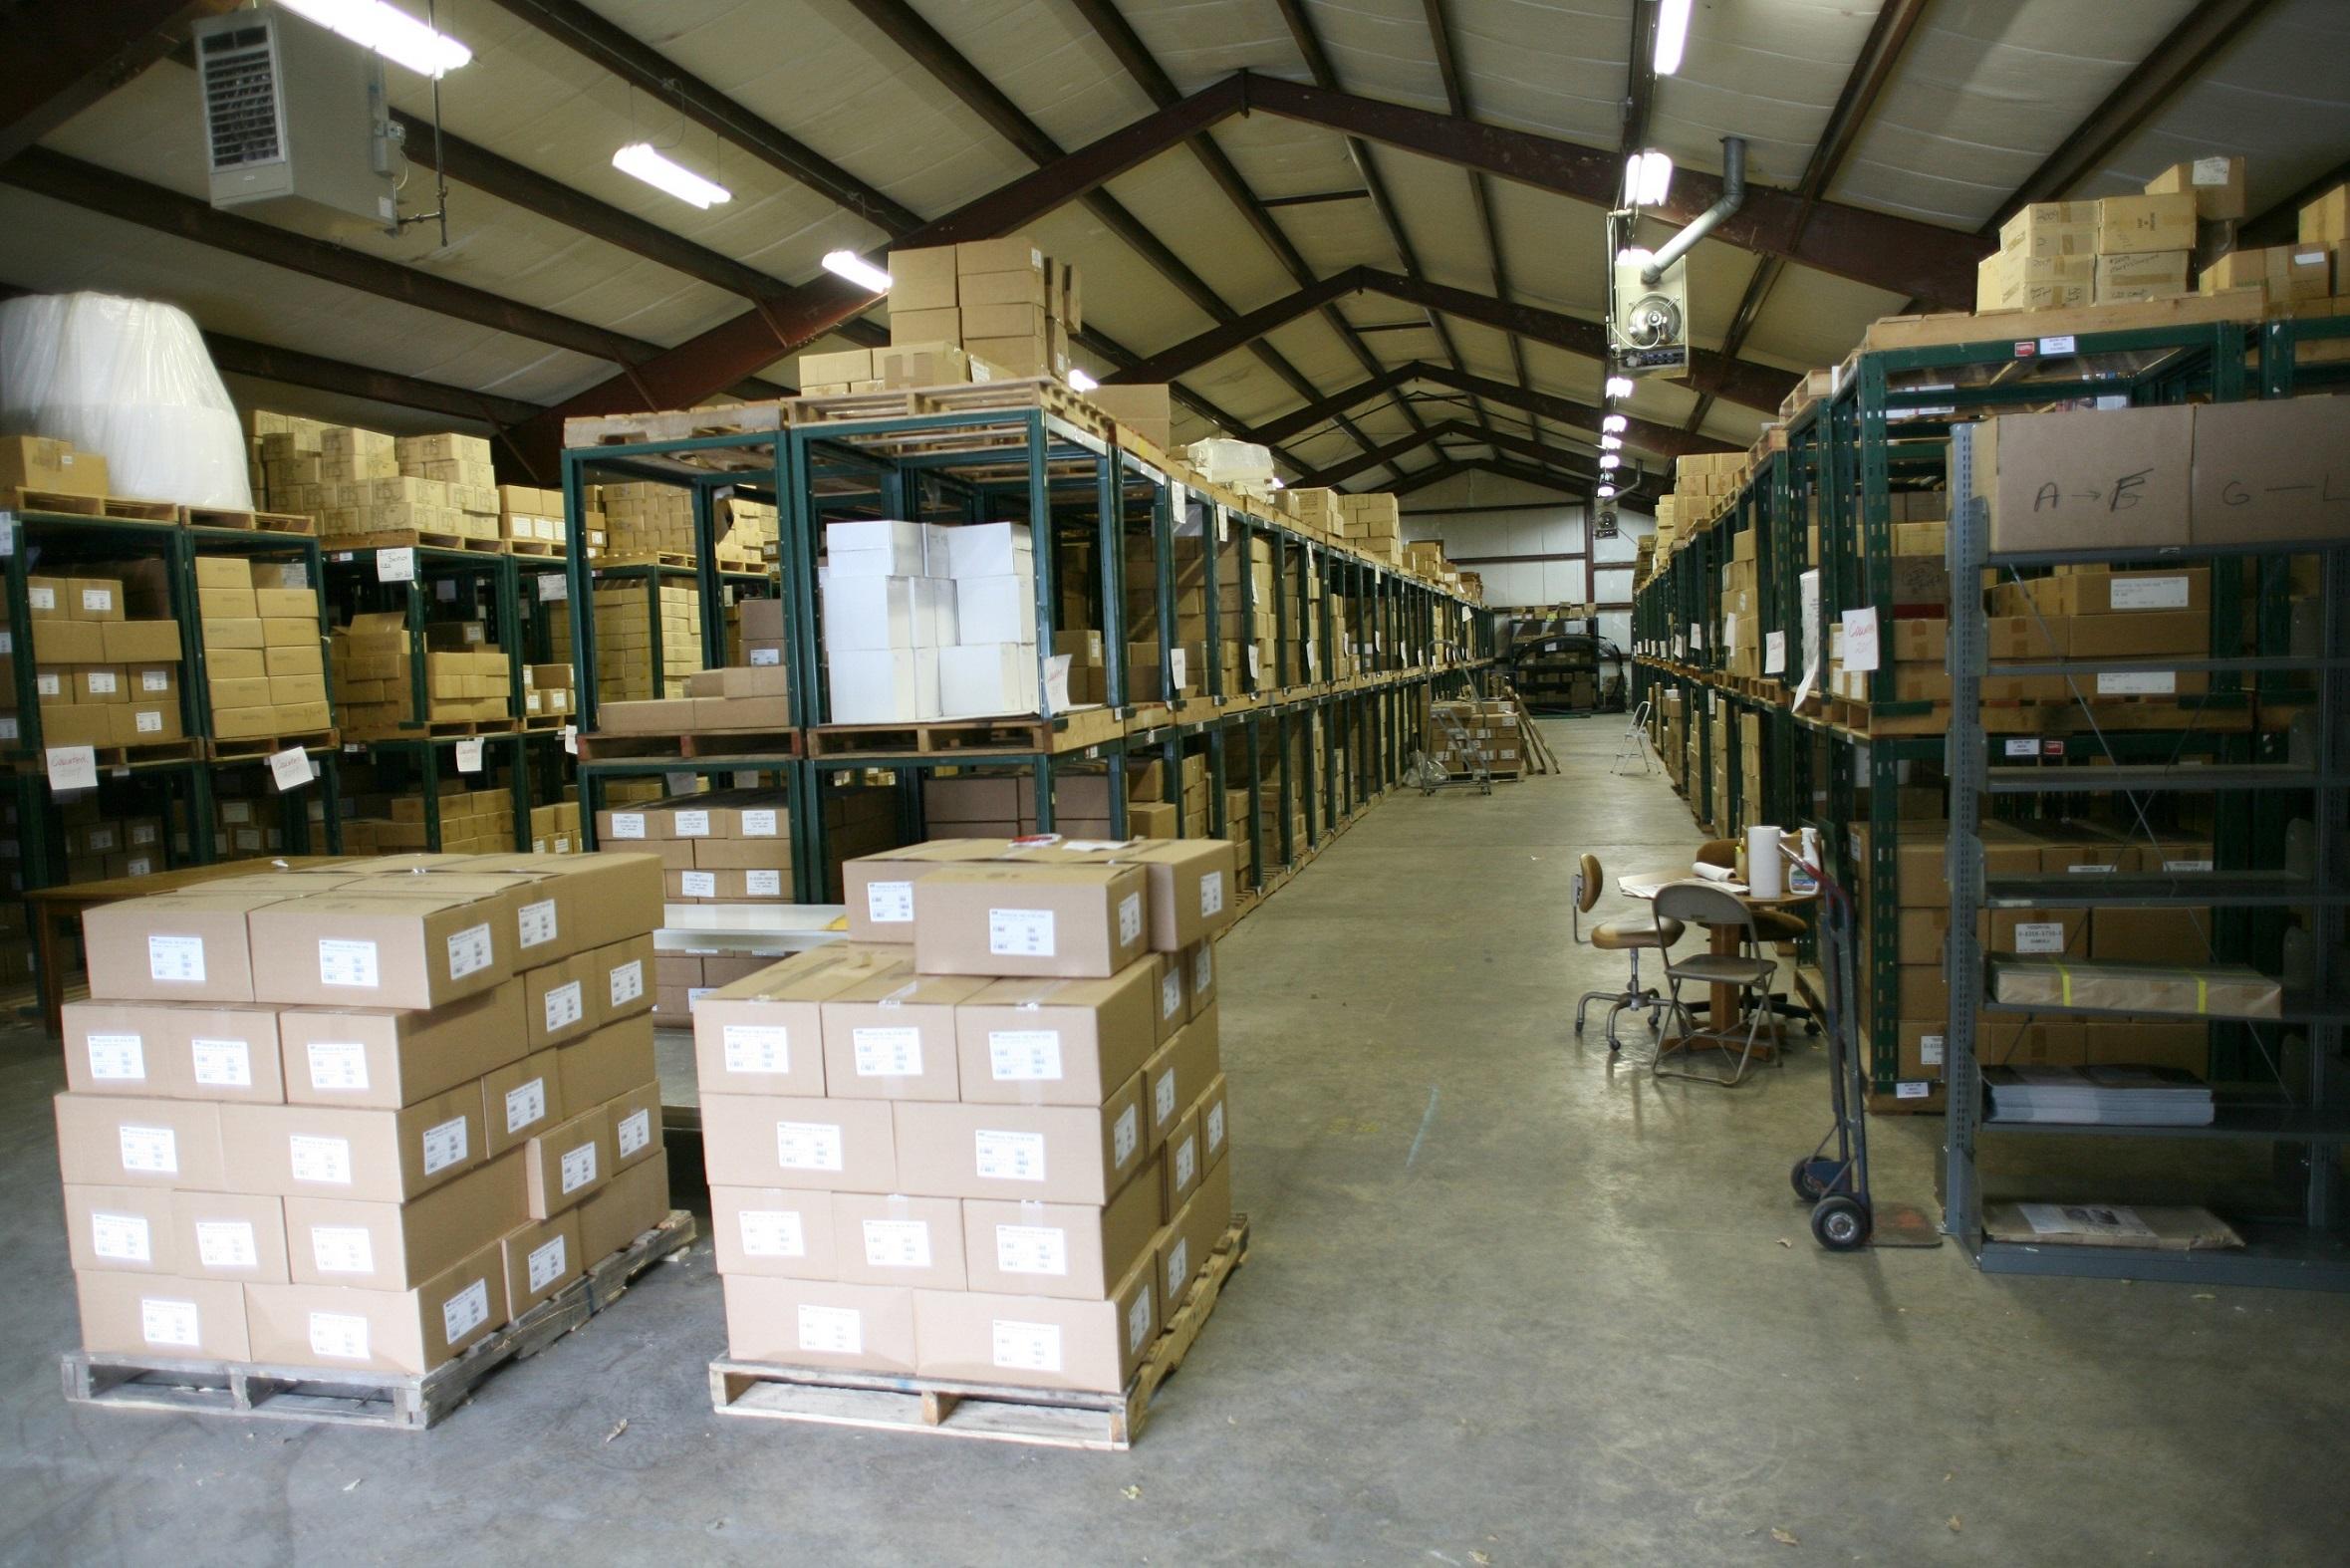 File:Warehouse Interior